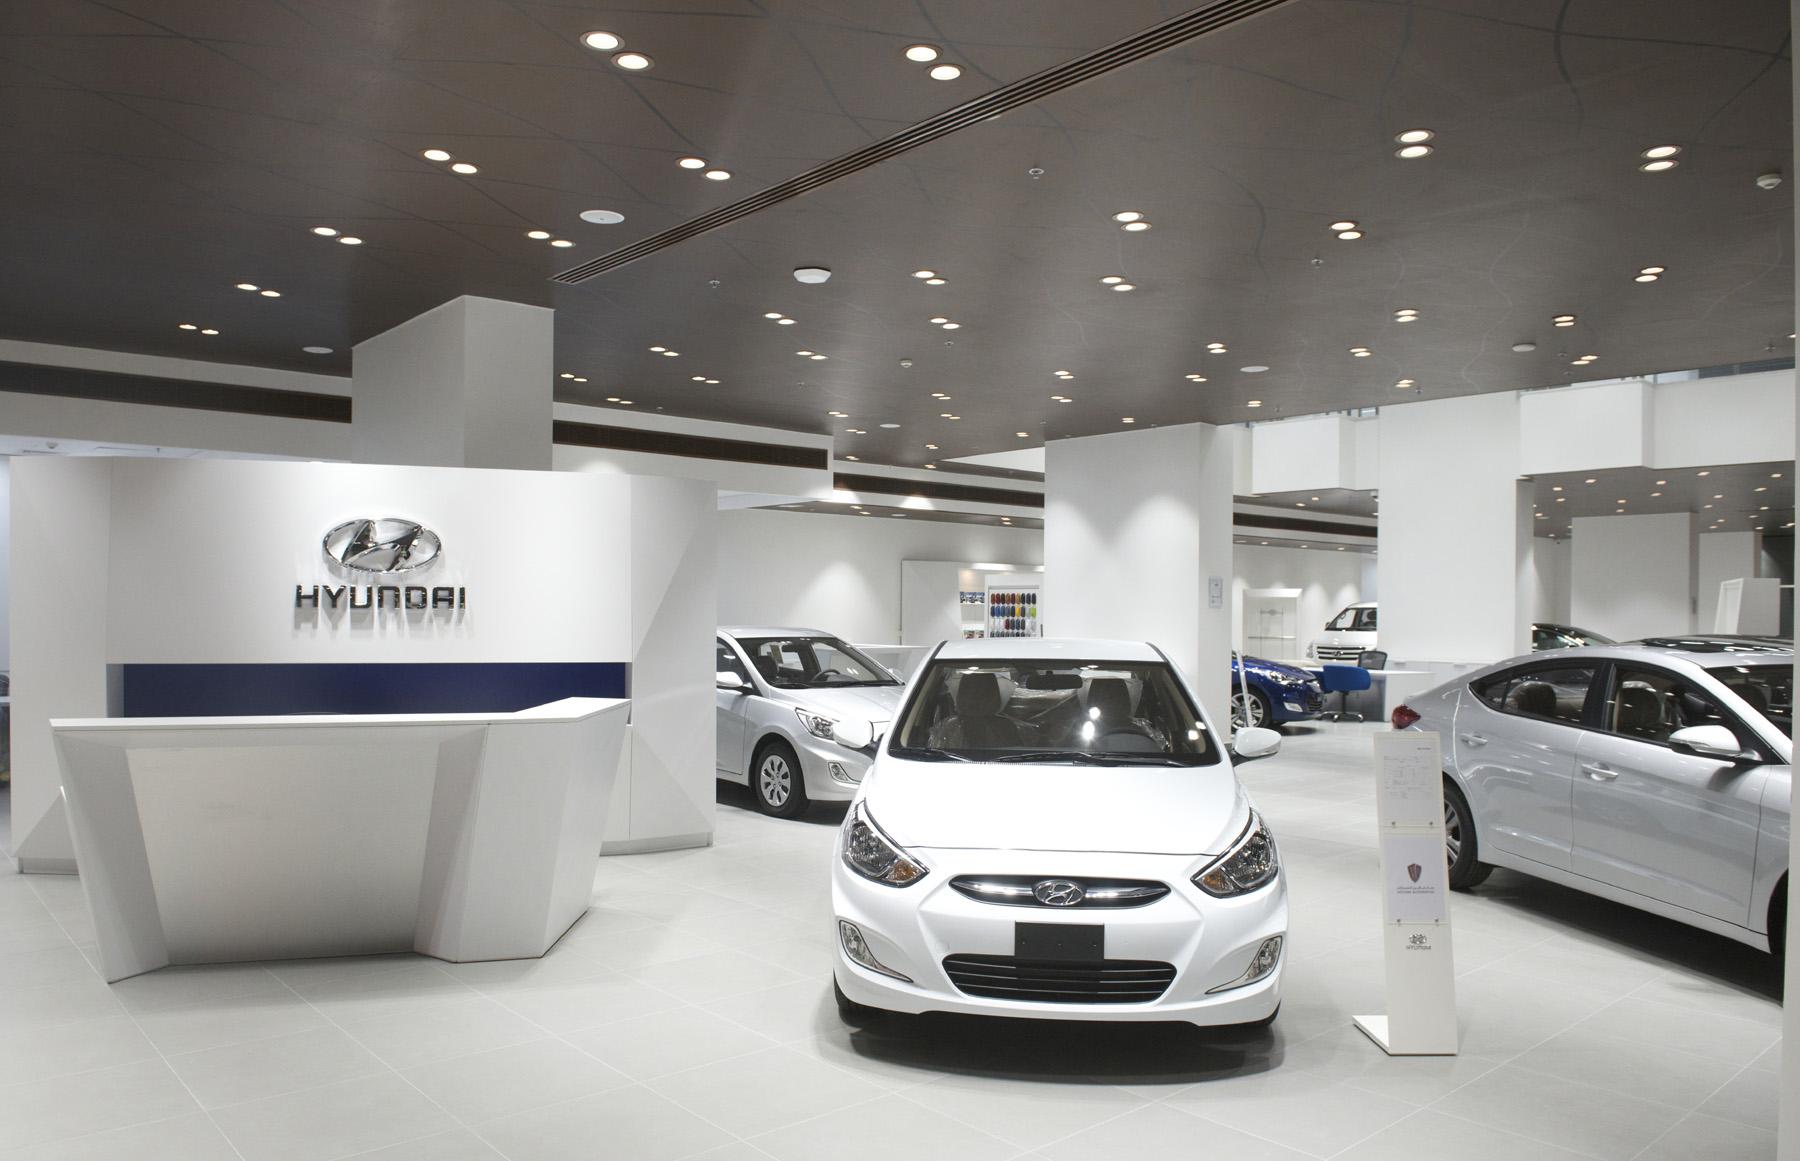 هيونداي موتور تعين سكايلاين للسيارات موزعاً رسمياً في قطر